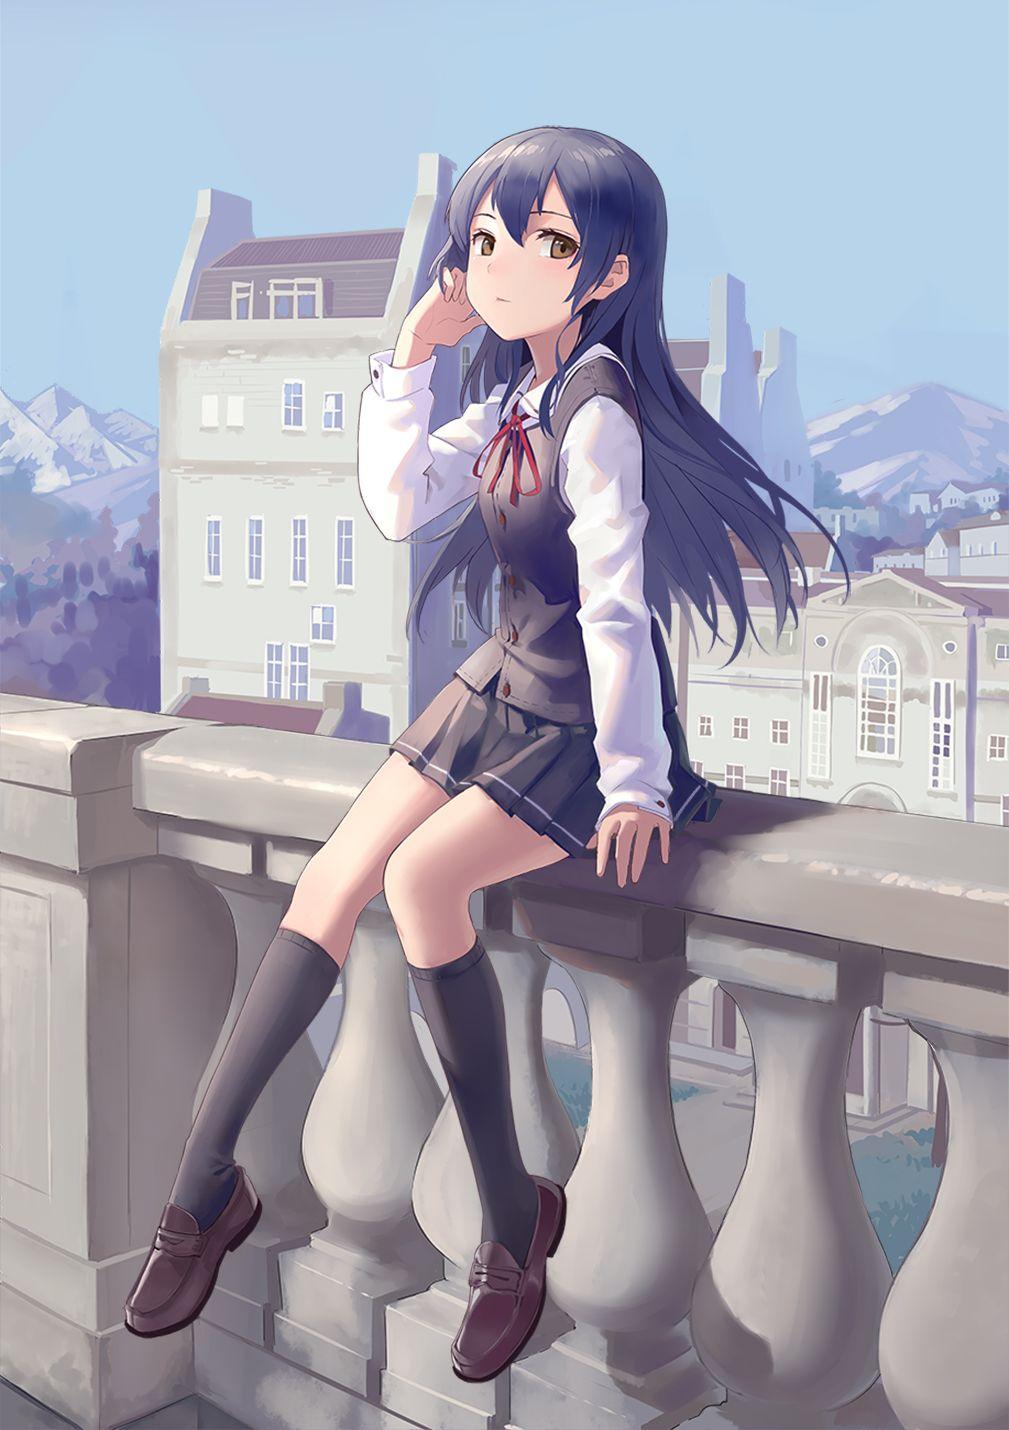 Sonoda Umi アニメ女子高生 アニメの女の子 ラブライブ